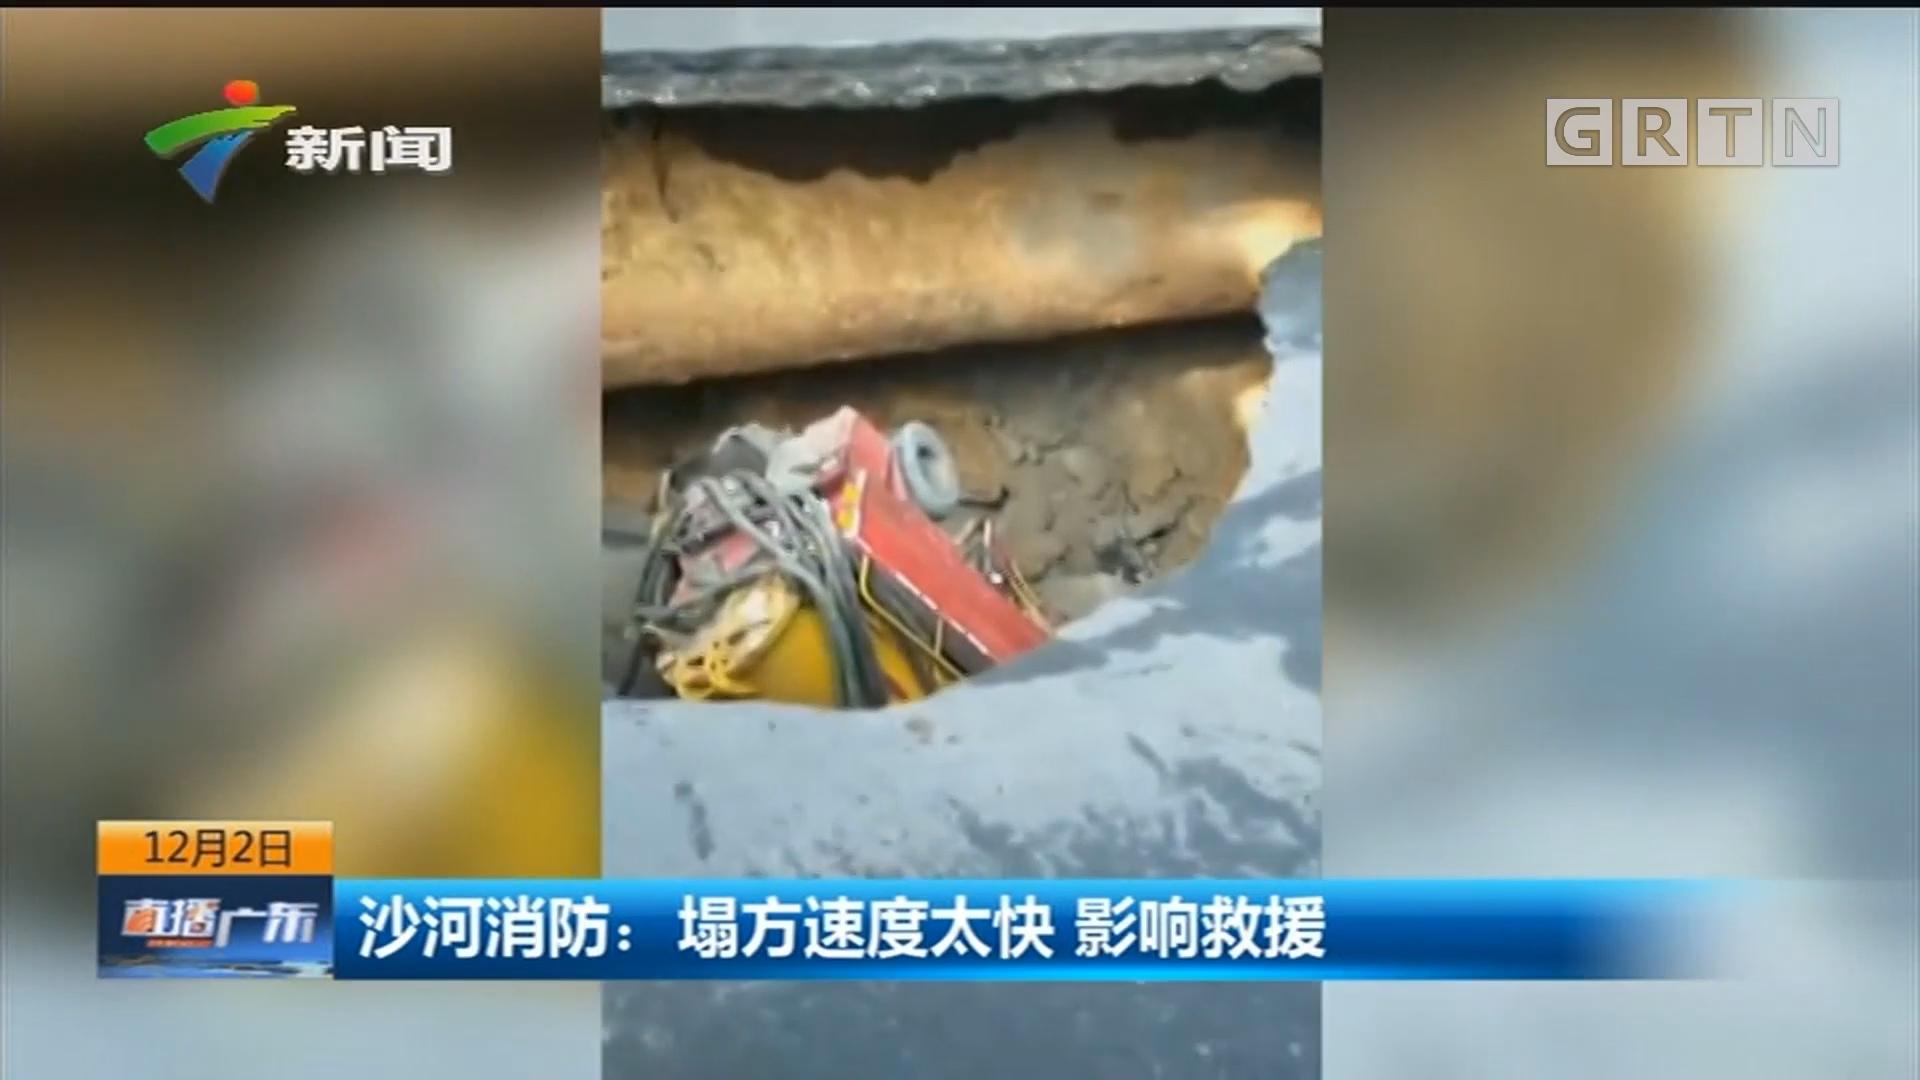 沙河消防:塌方速度太快 影响救援